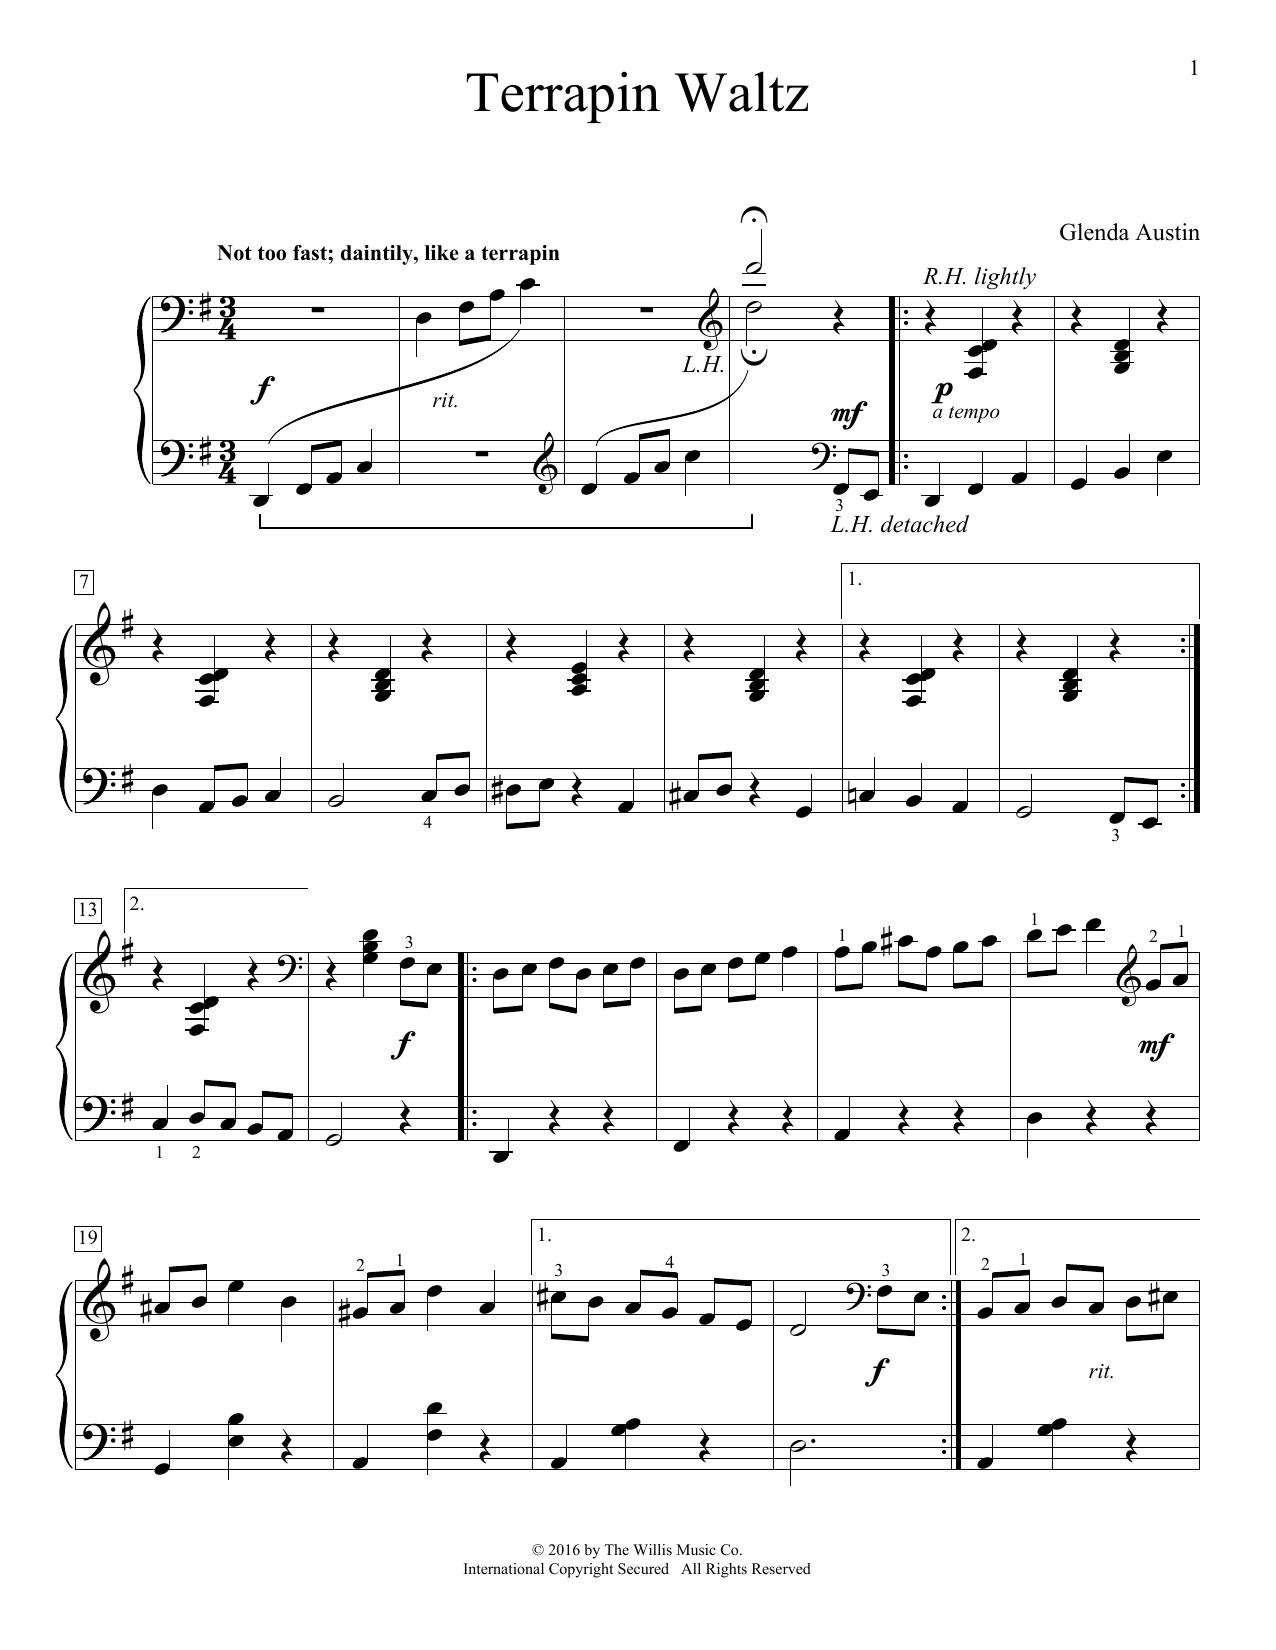 Glenda Austin Terrapin Waltz sheet music notes and chords. Download Printable PDF.